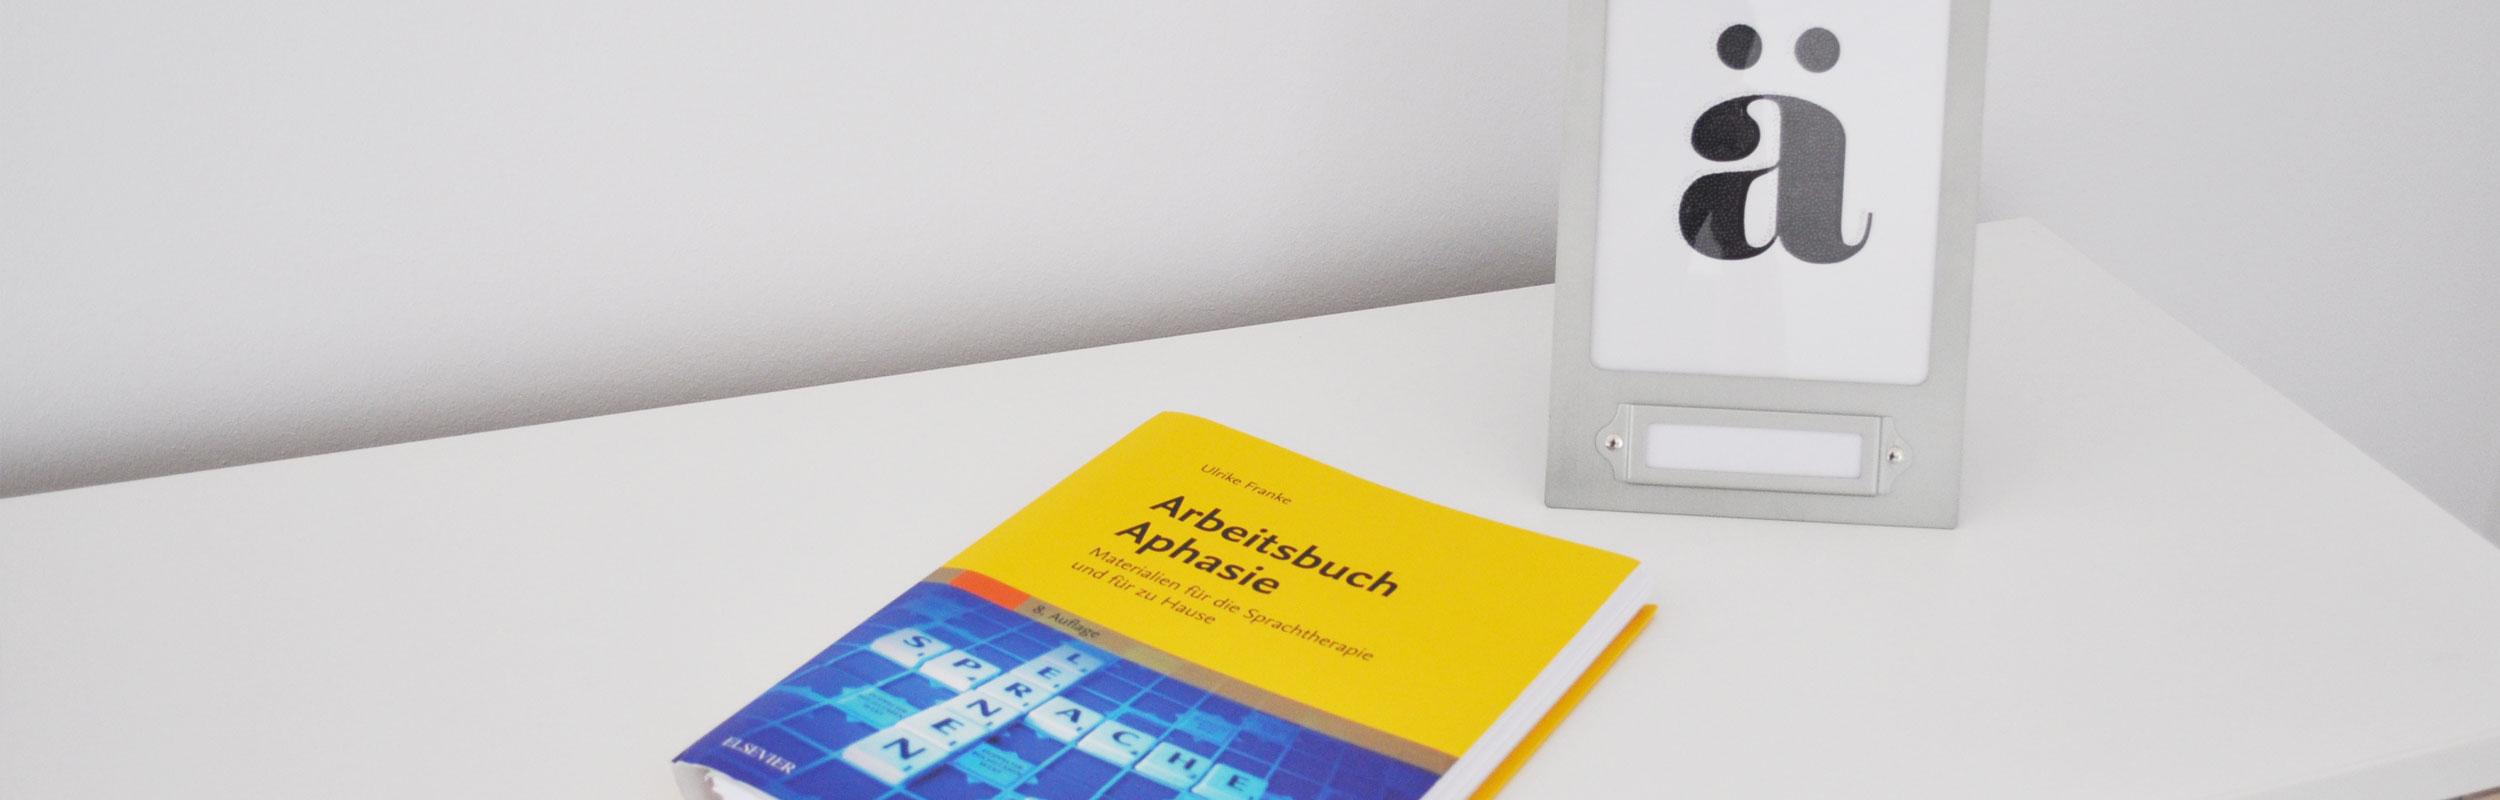 Praxis für Logopädie - Logopädie für Erwachsene in Sonneberg